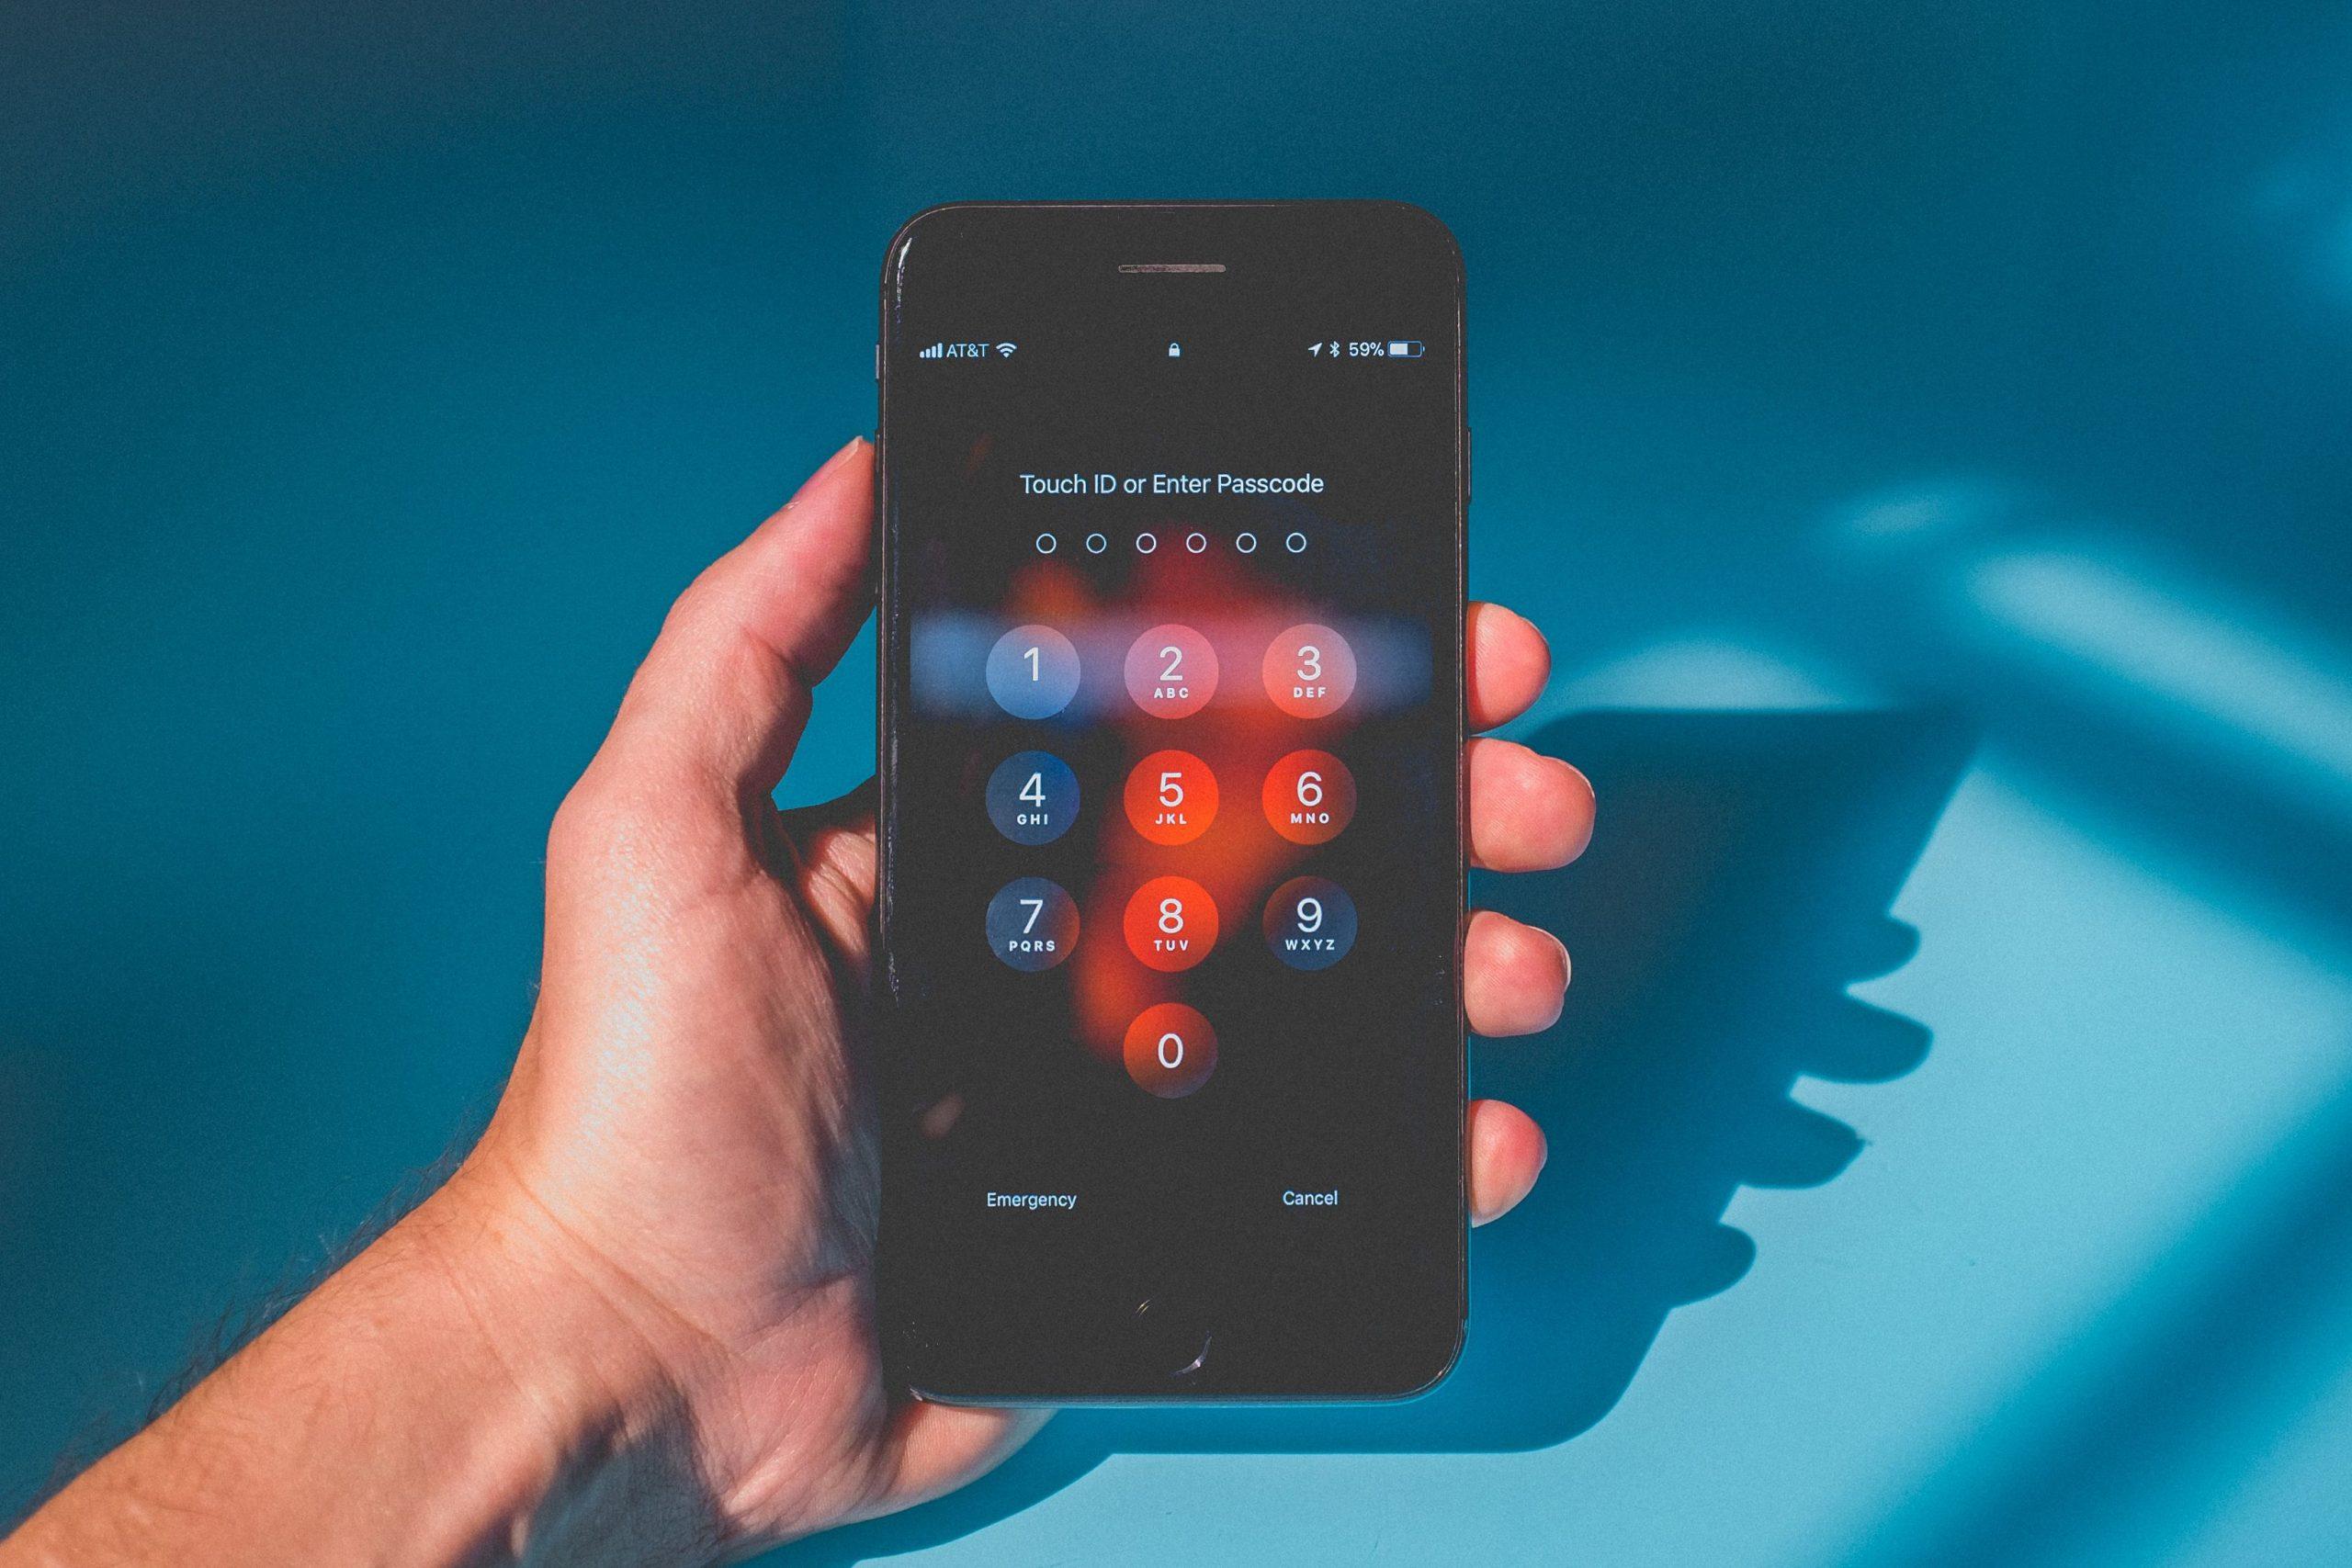 فتح قفل الايفون من دون الحاجة إلى مسح البيانات من خلال التطبيقات وغيرها